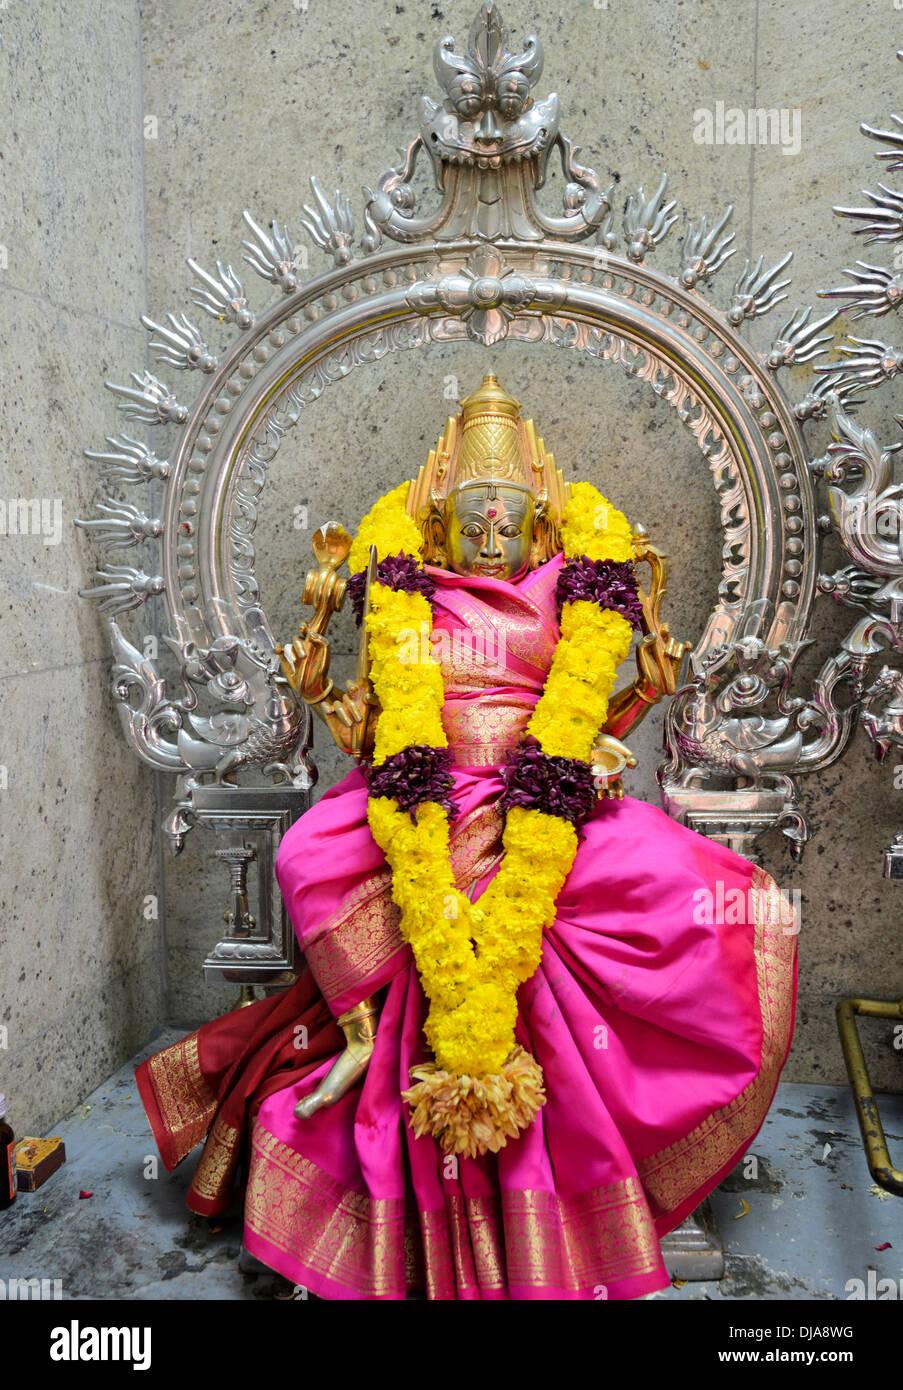 Statua di un quattro armate divinità Indù, adornata con una ghirlanda di fiori colorati fiori di giallo e un abito rosa. Immagini Stock